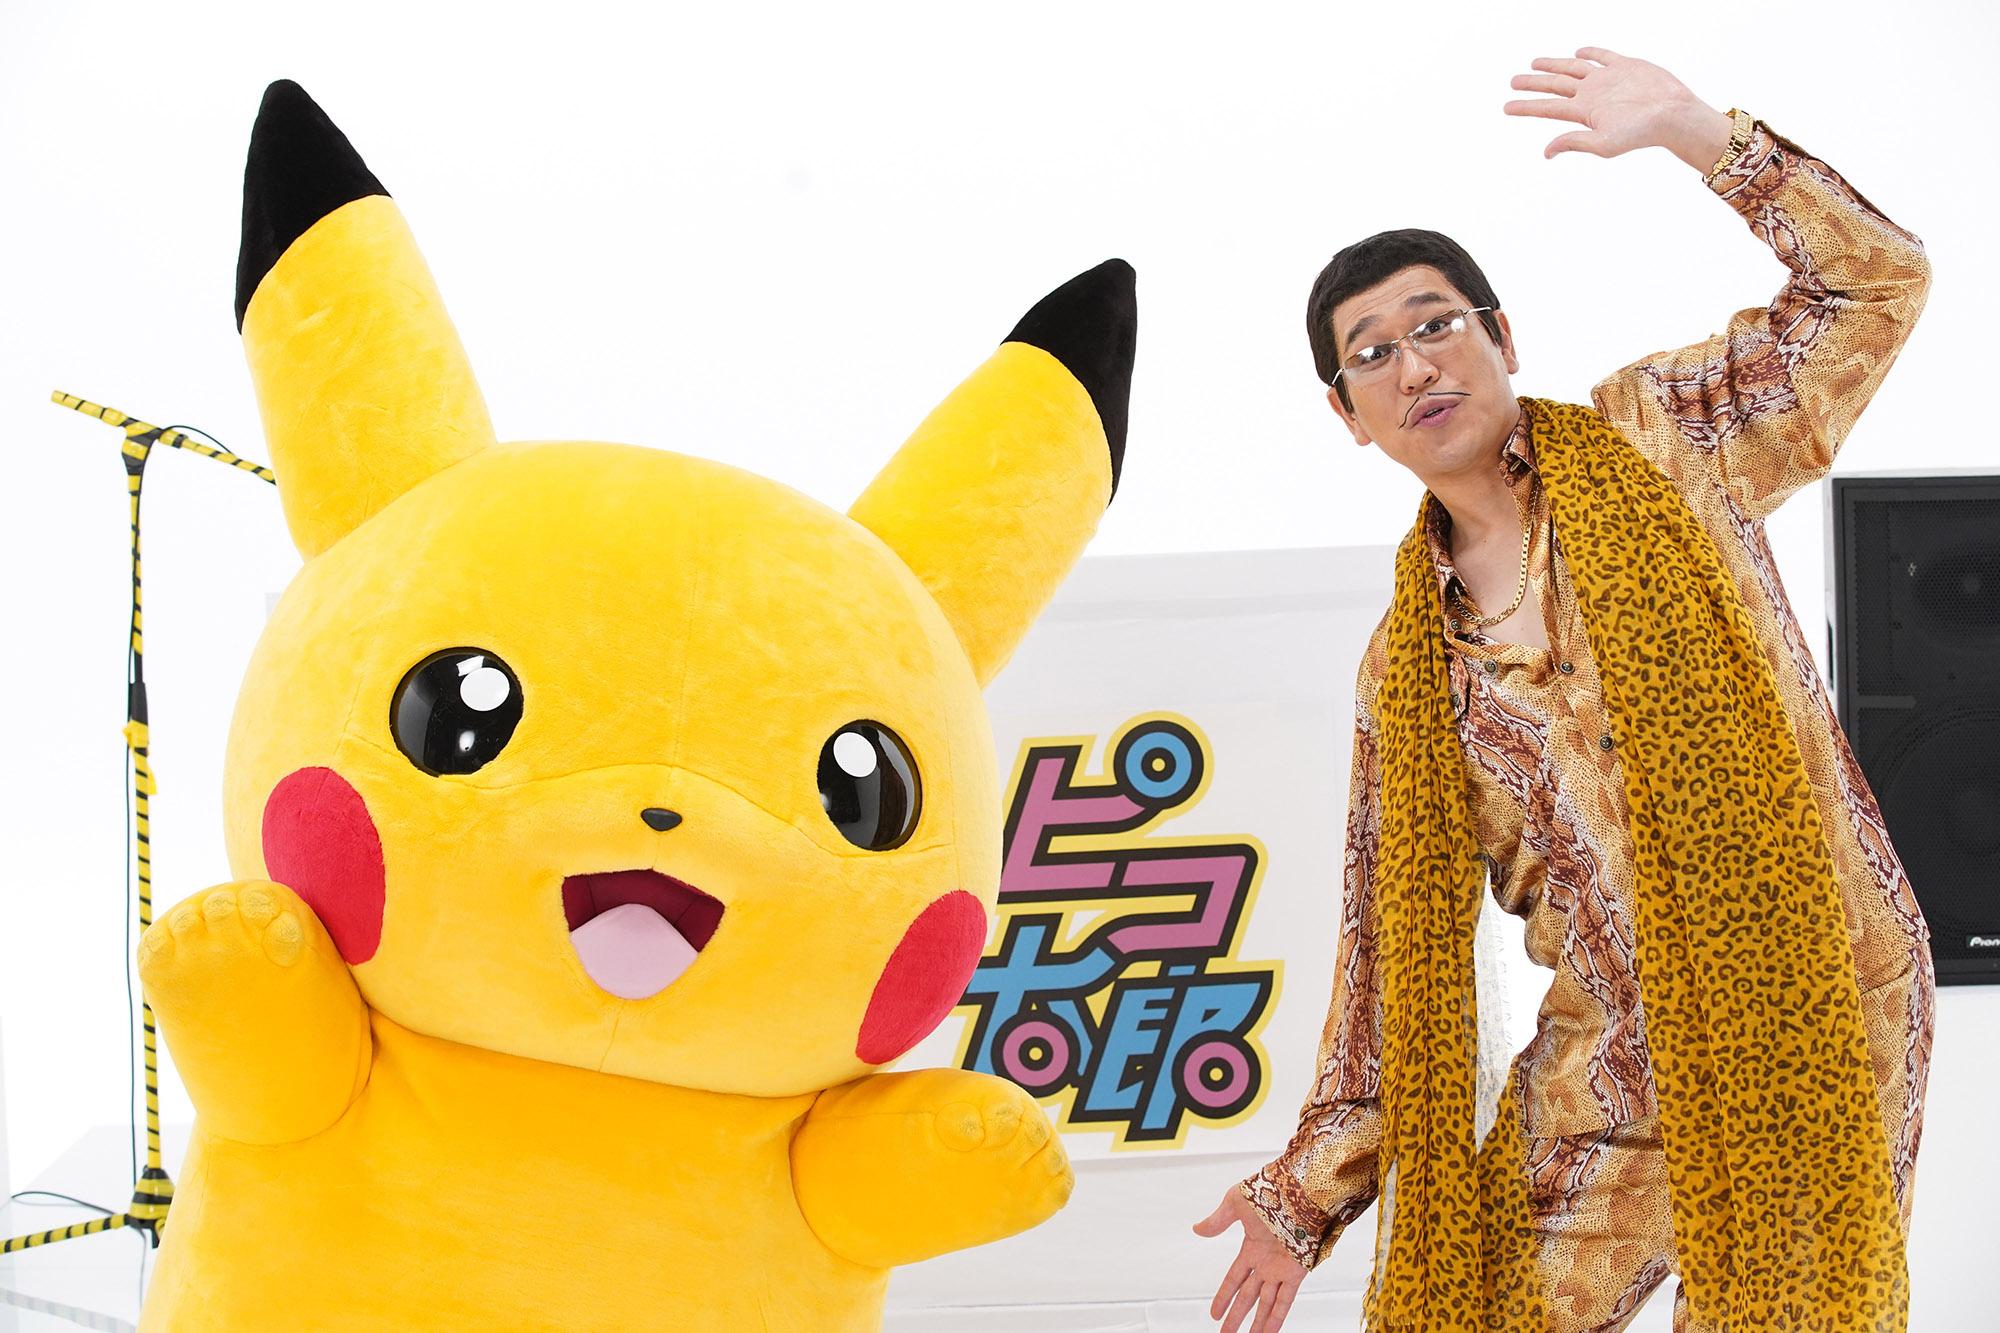 『ポケモン』ピカチュウとピコ太郎さんのコラボ楽曲公開決定!一緒に楽しく掛け合いをしながら踊る楽曲「PIKA to PIKO」